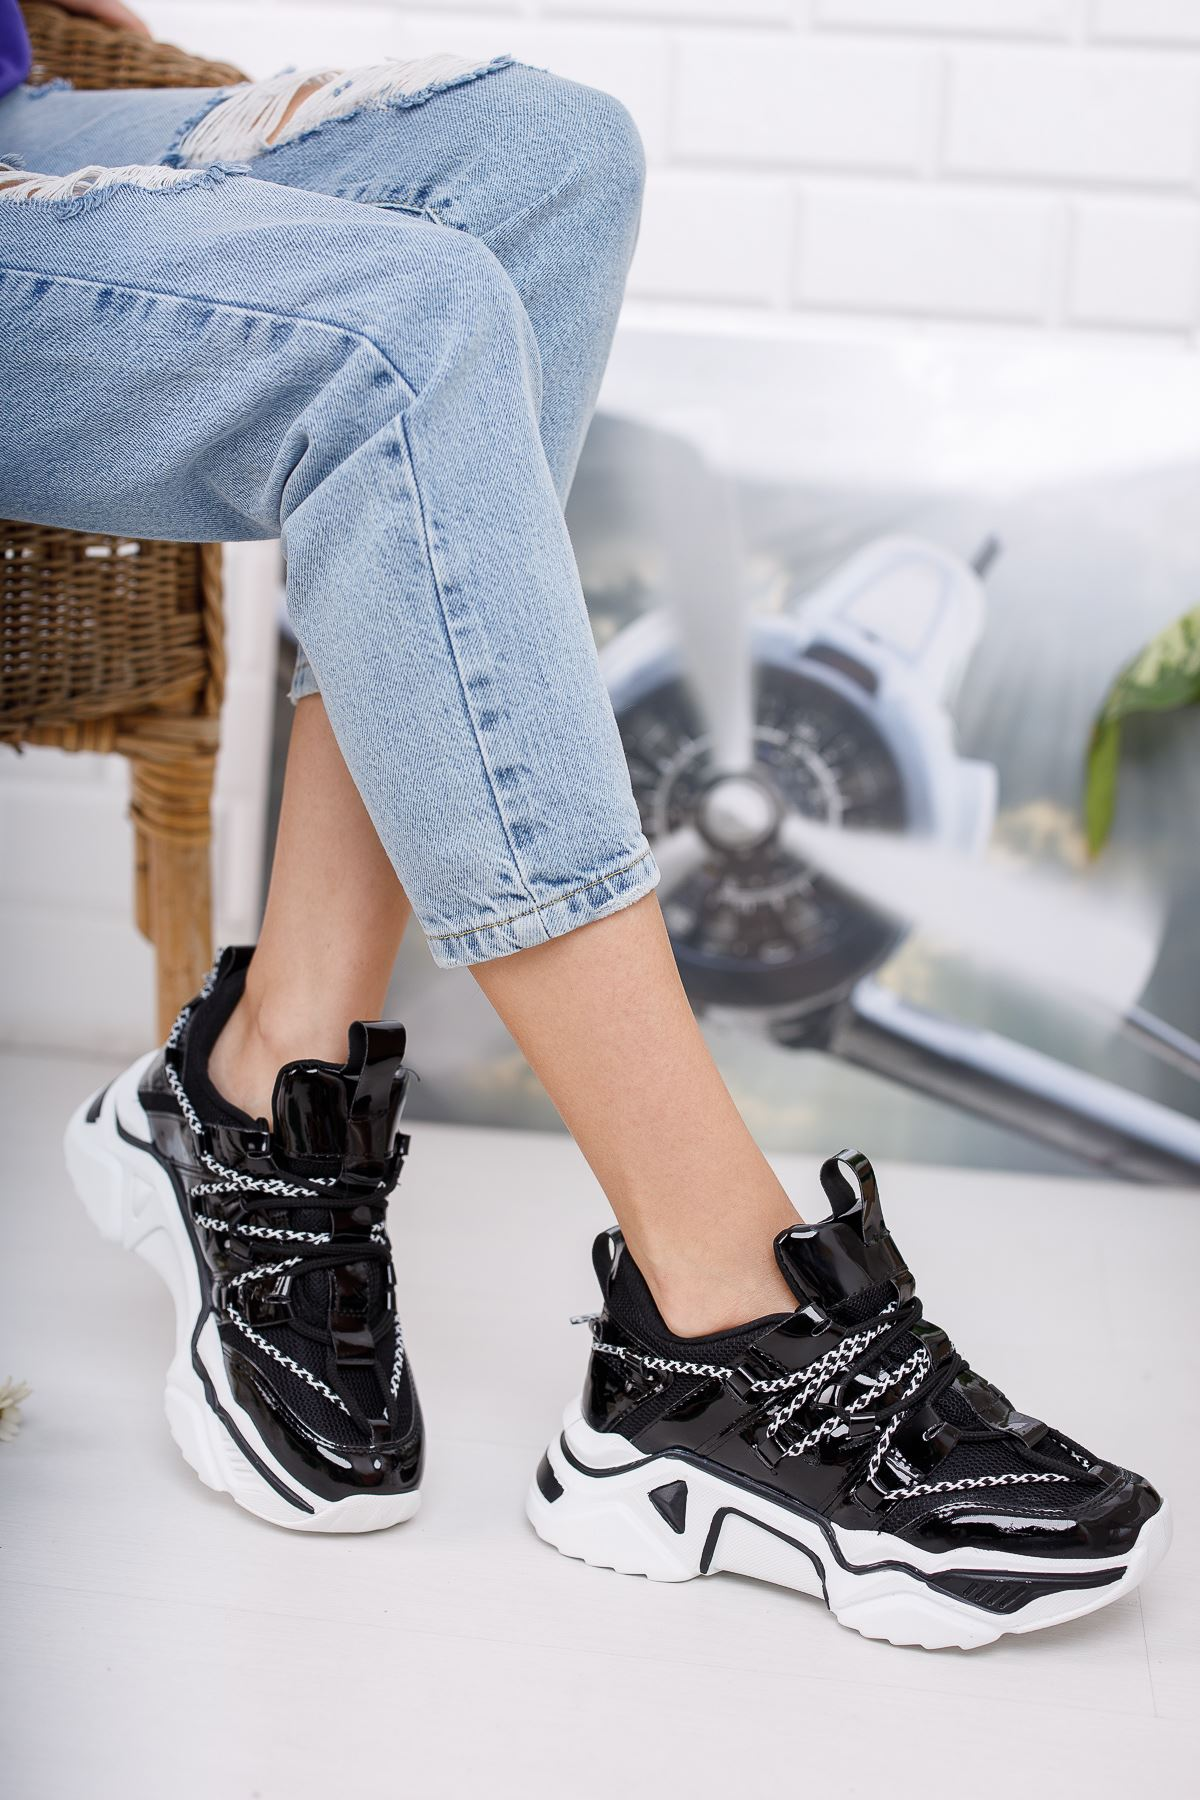 Kadın Grix Kalın Taban Bağcıklı Rugan Siyah Spor Ayakkabı